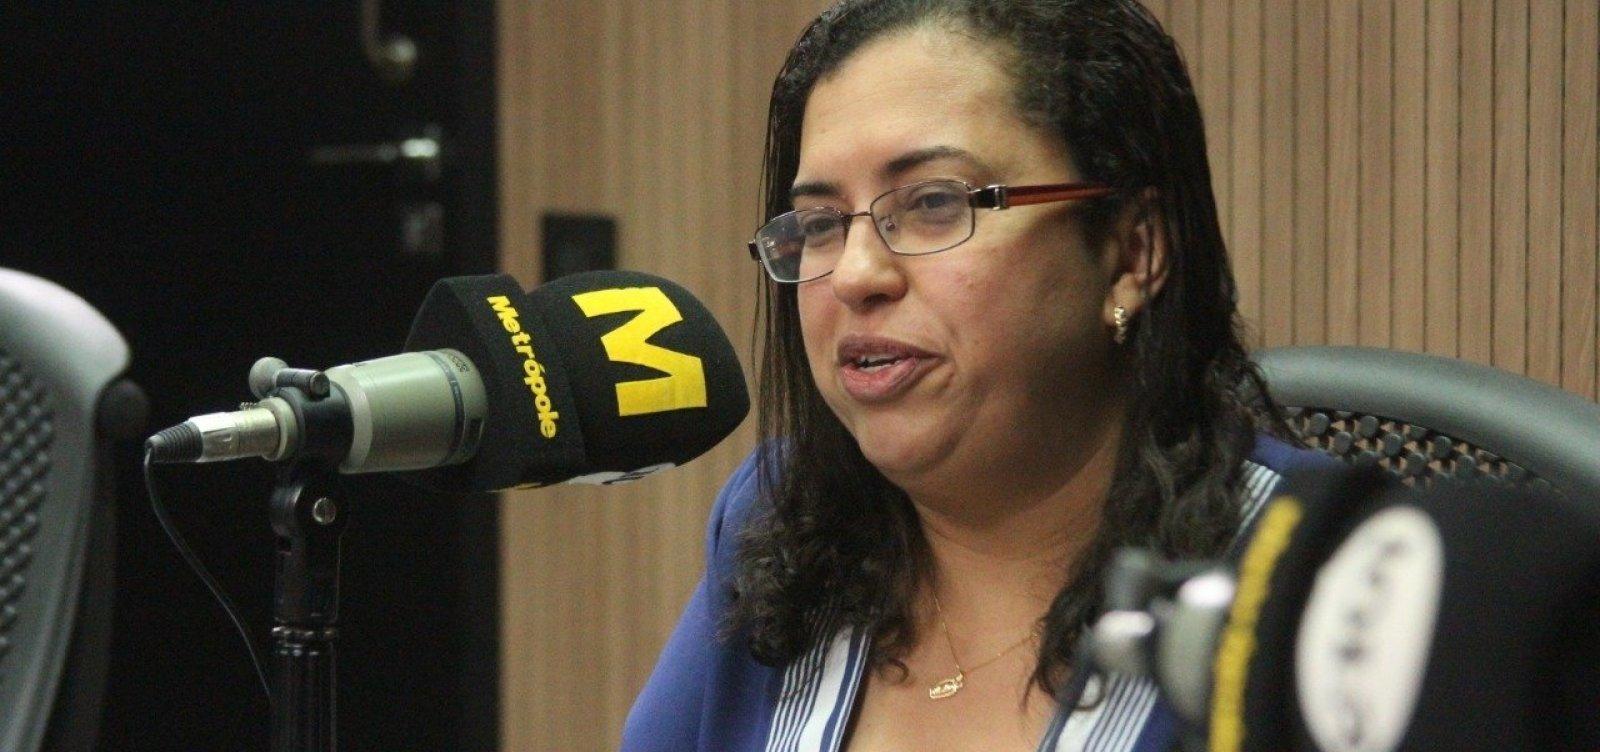 [Prefeitura apoia instituições de acolhimento a crianças durante pandemia, diz secretária]